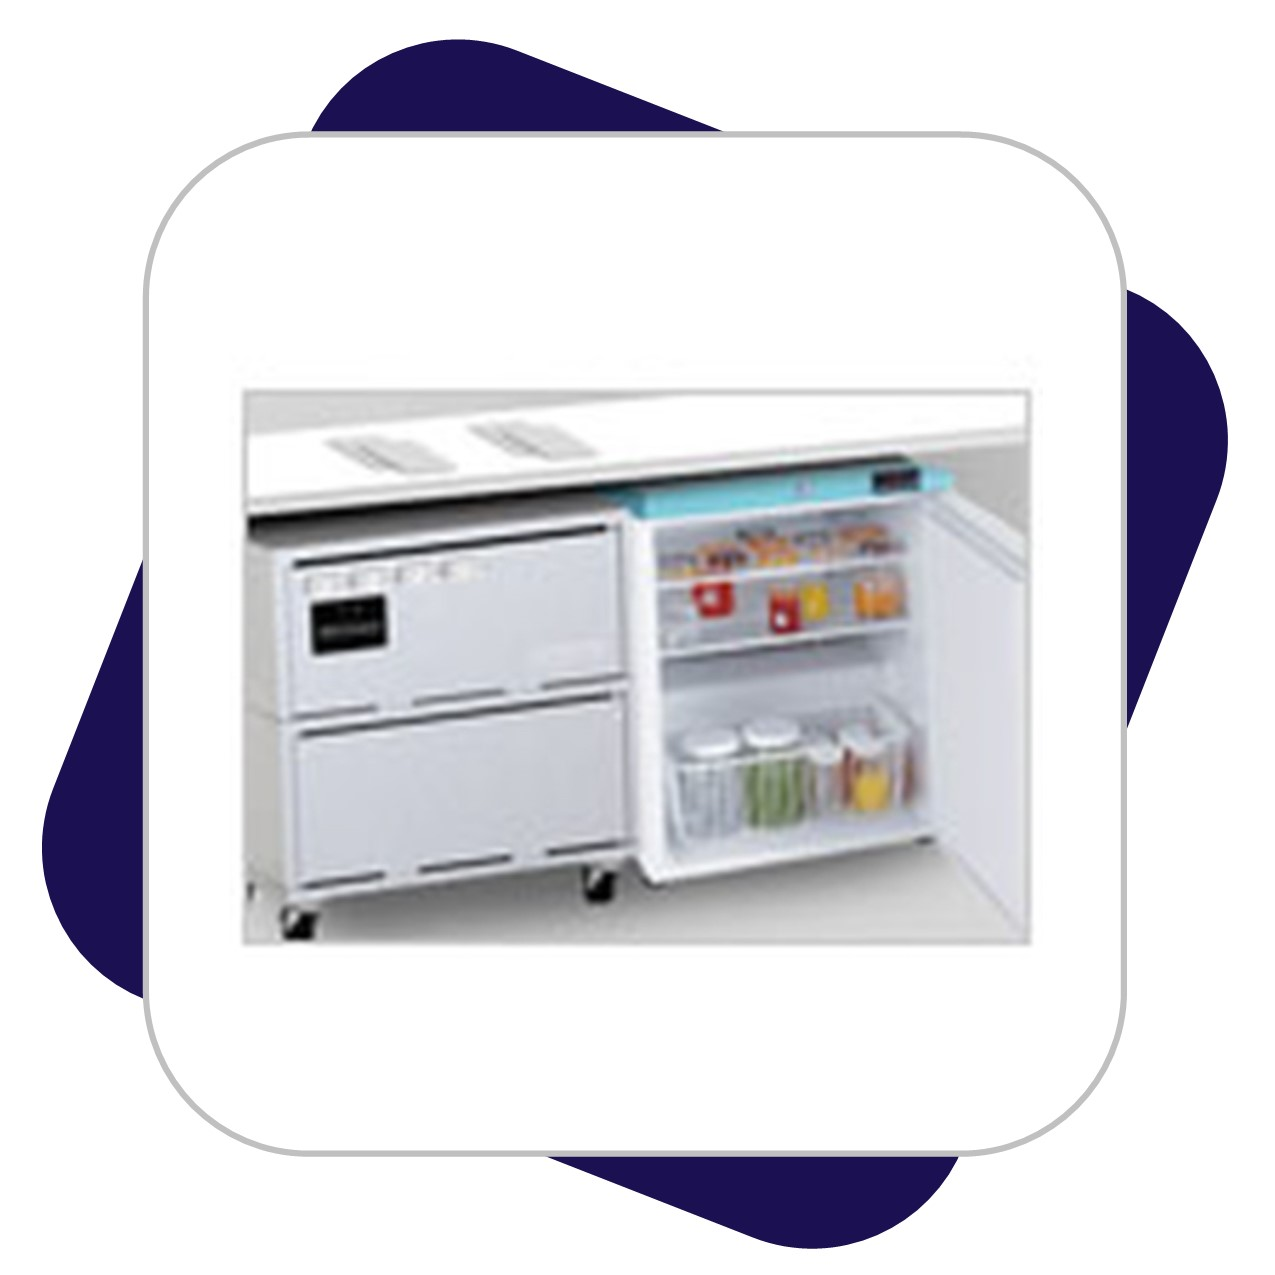 Mobile Refridgerator Battery Backup System